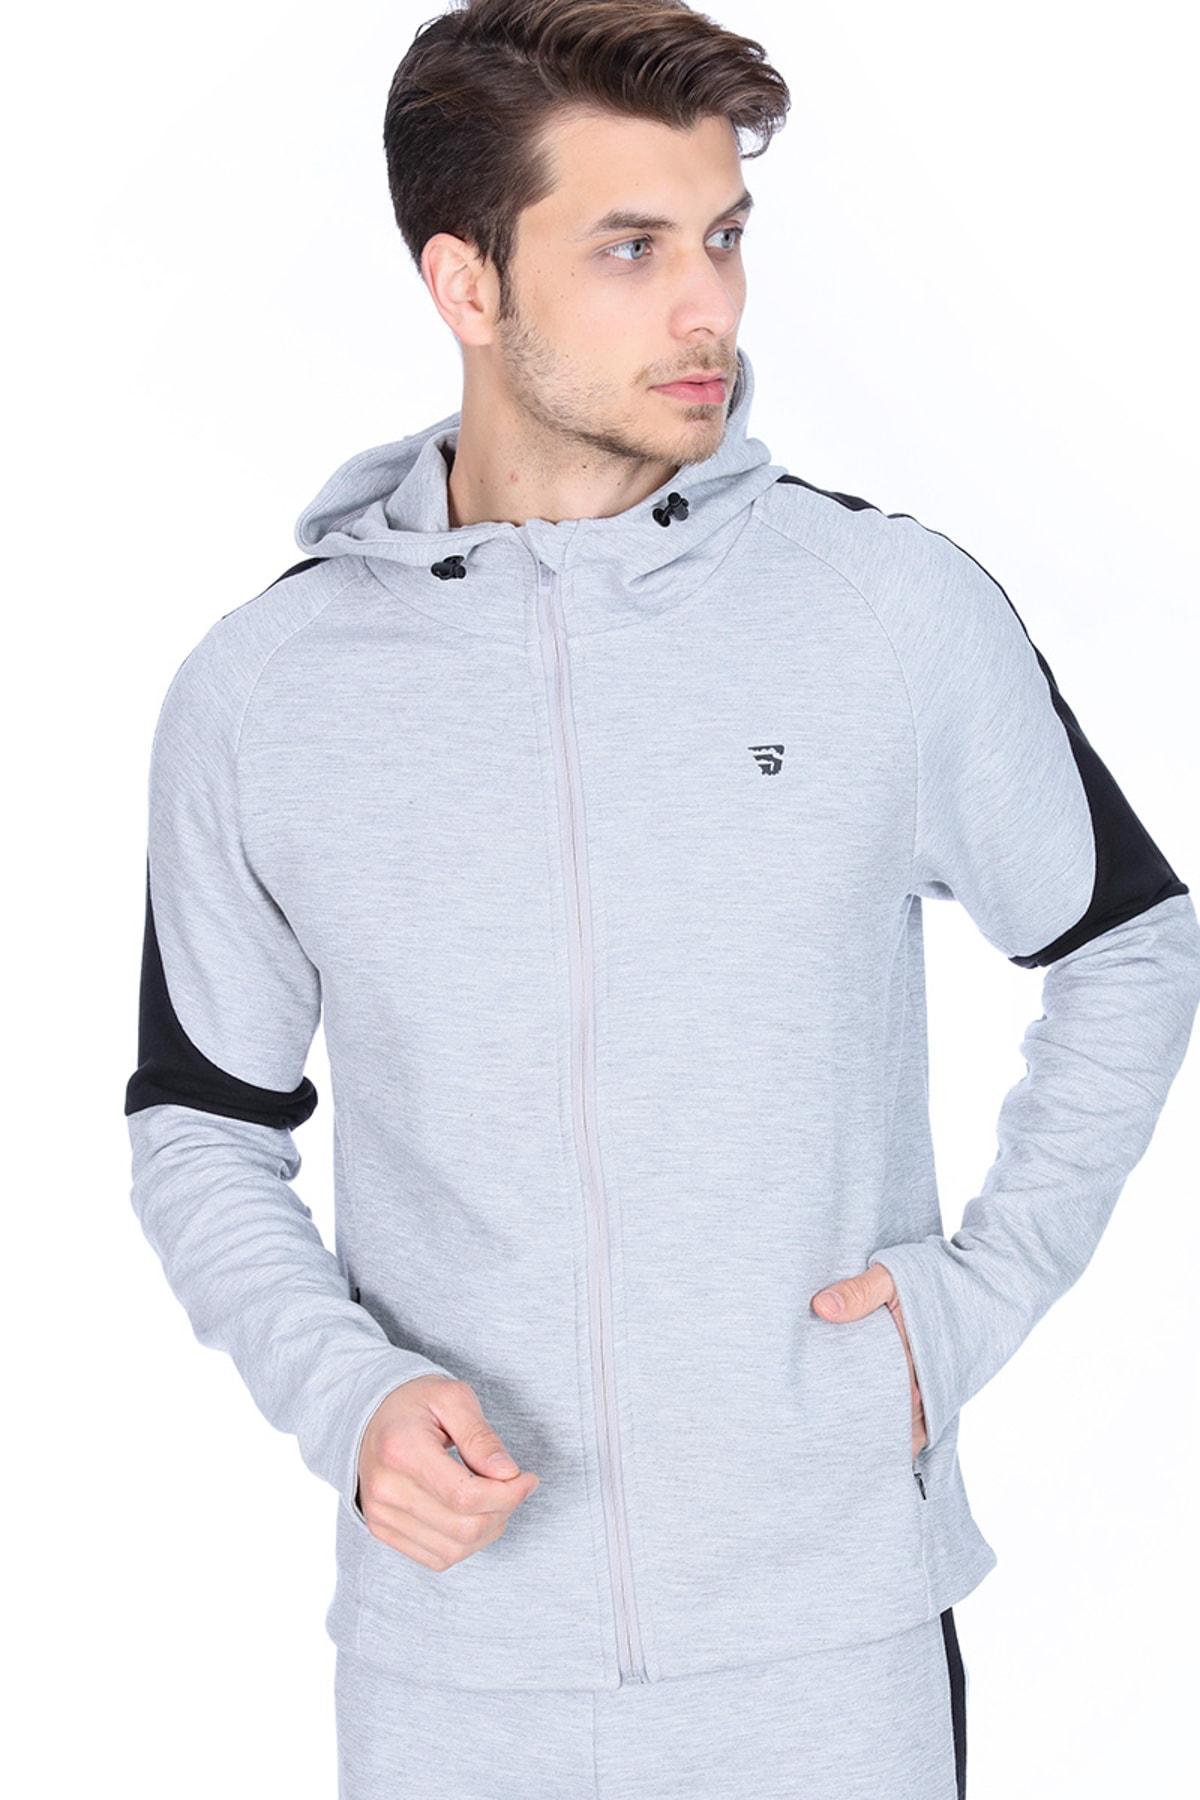 Sportive Erkek Antrenman Sweatshirt - 710511-GML 1